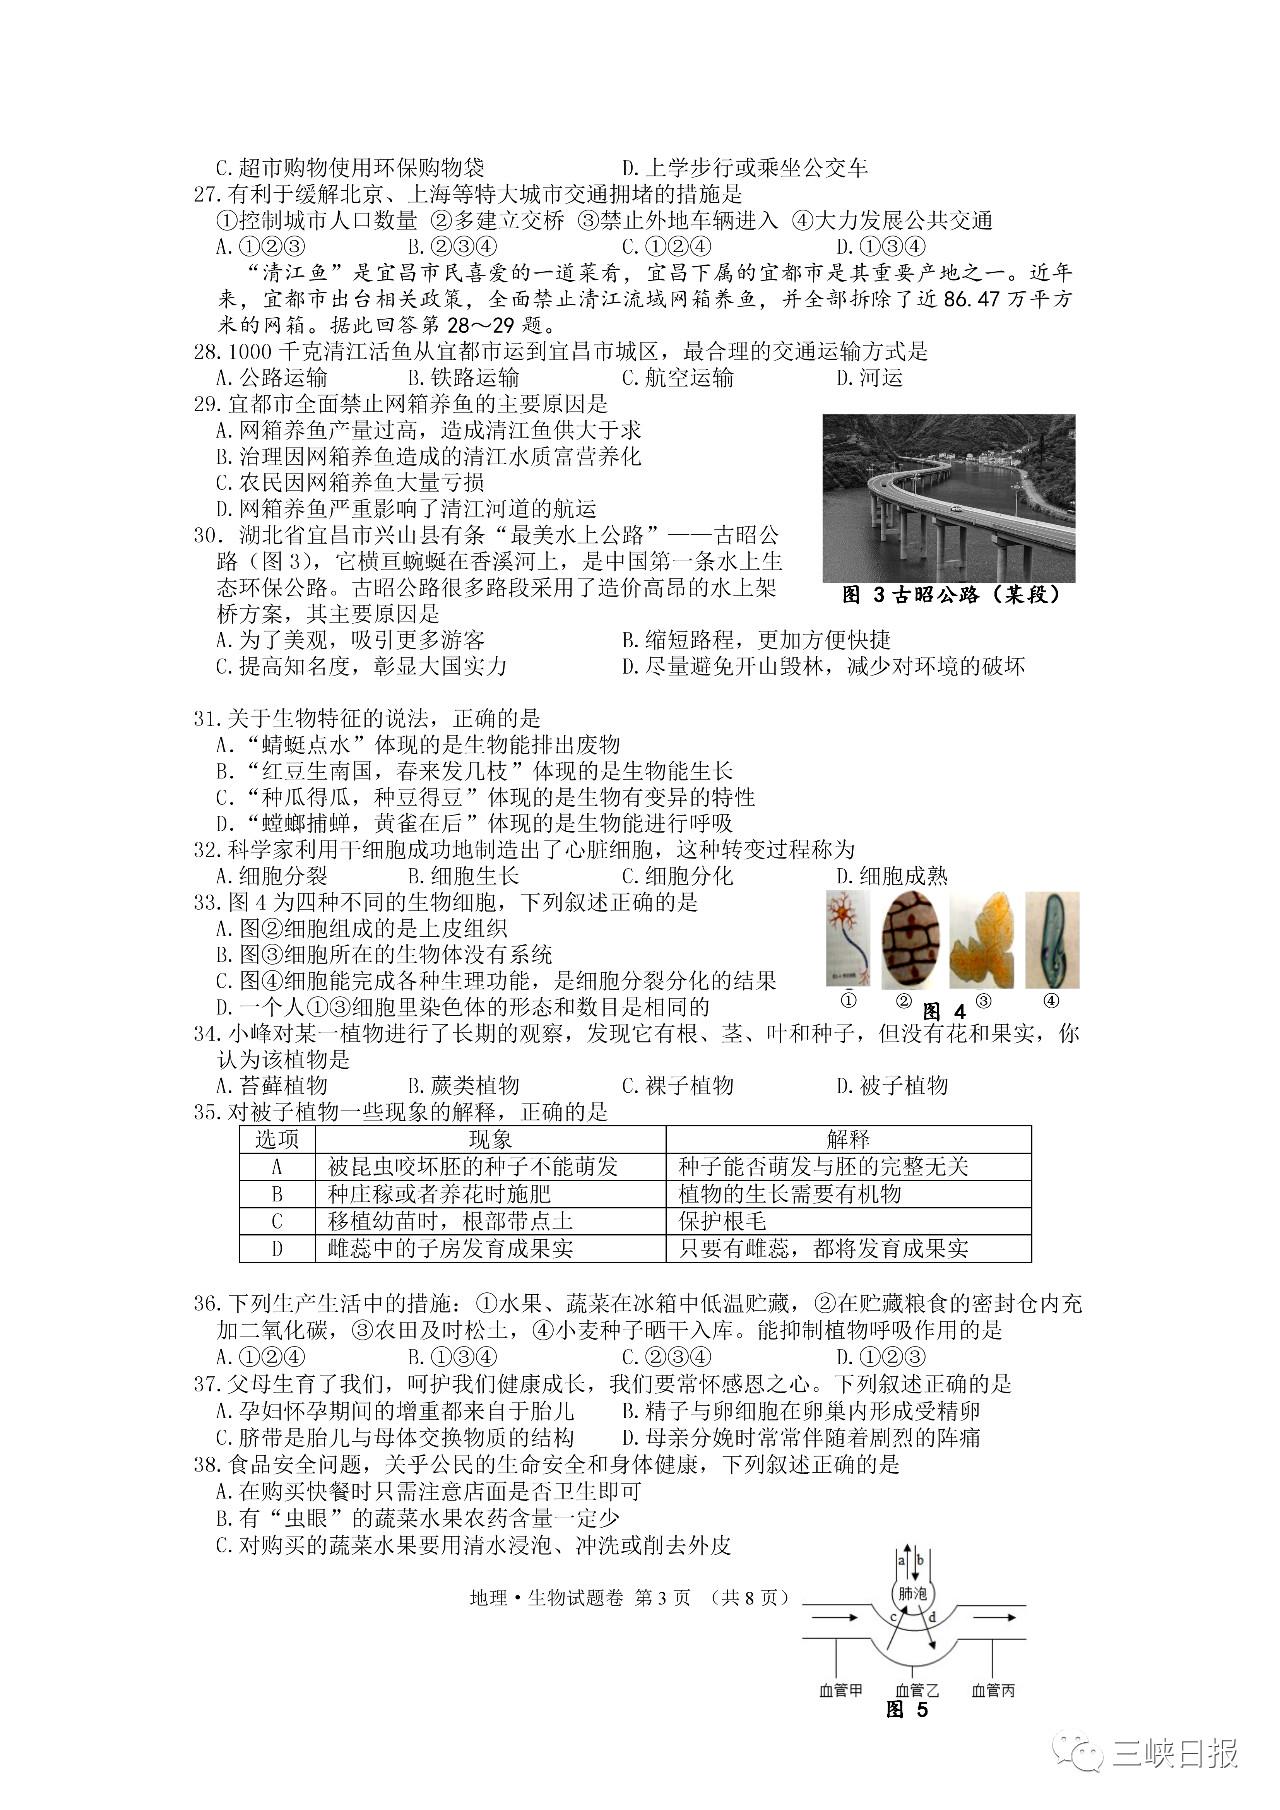 2019湖北宜昌中考《地理、生物》真题及答案已公布